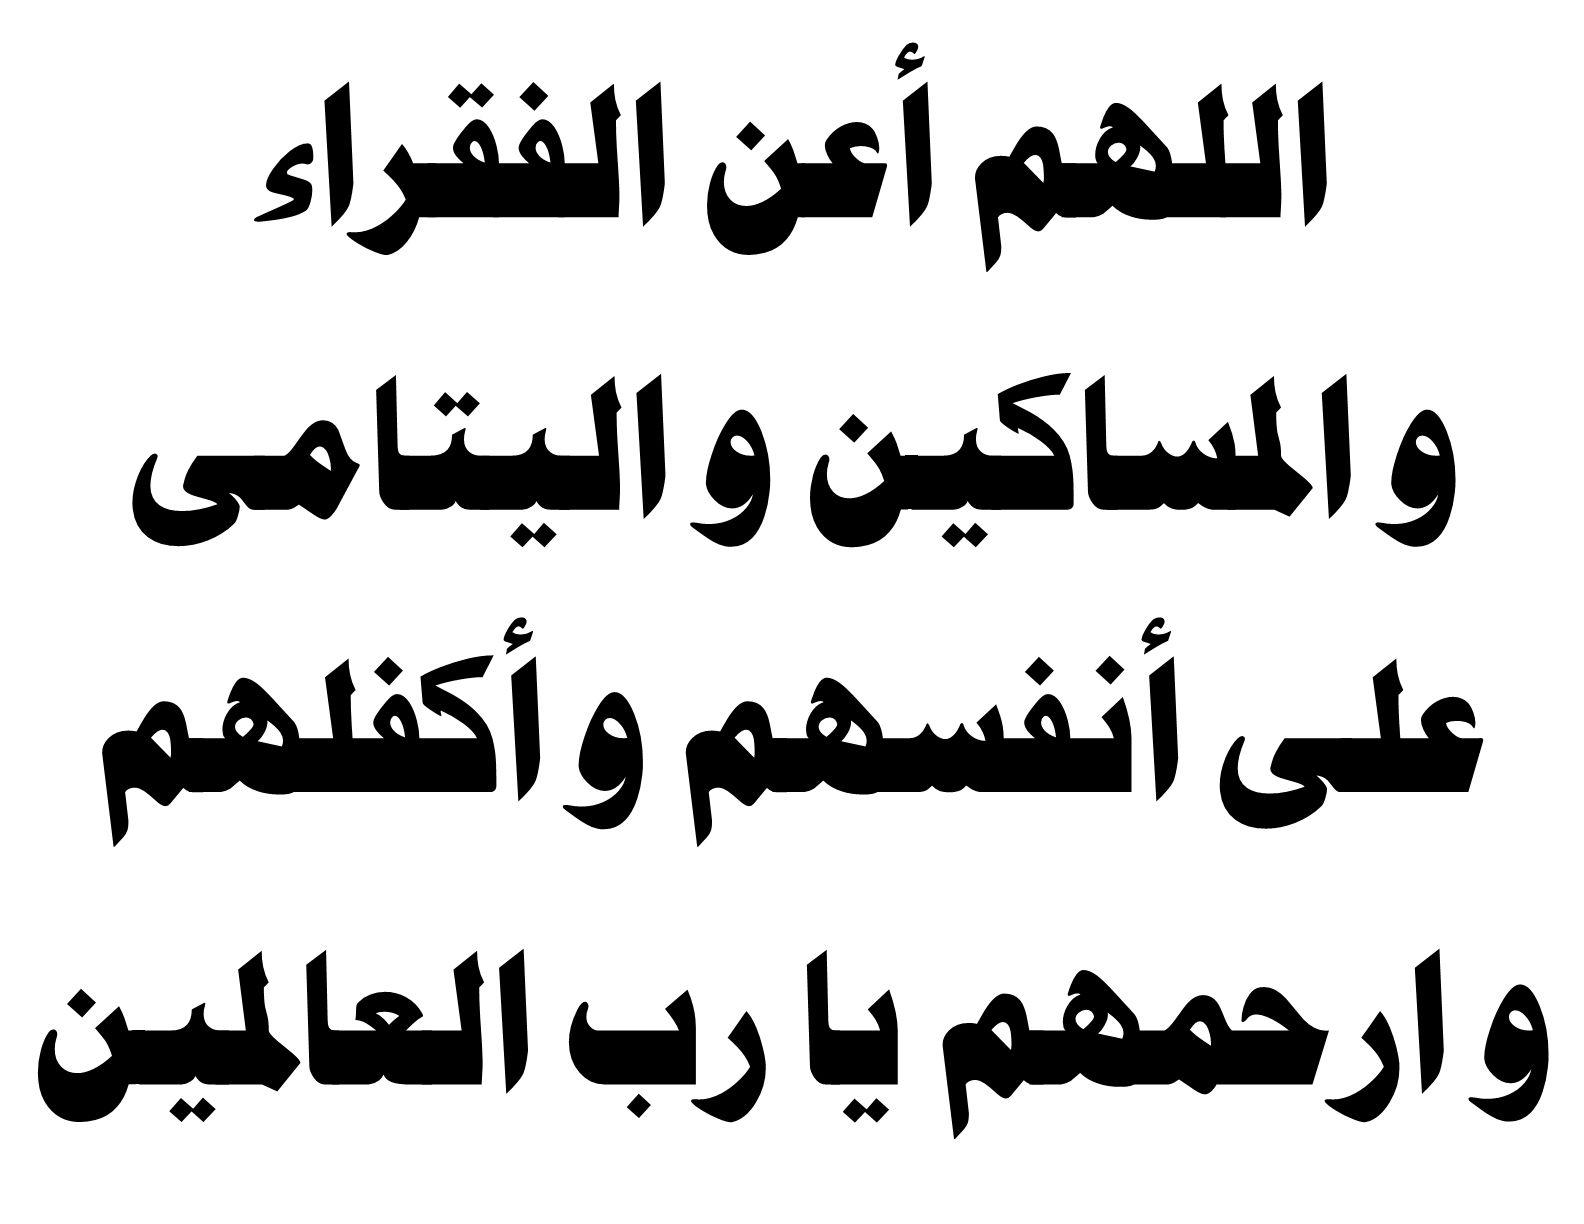 اللهم أعن الفقراء و المساكين Quotes Quran Arabic